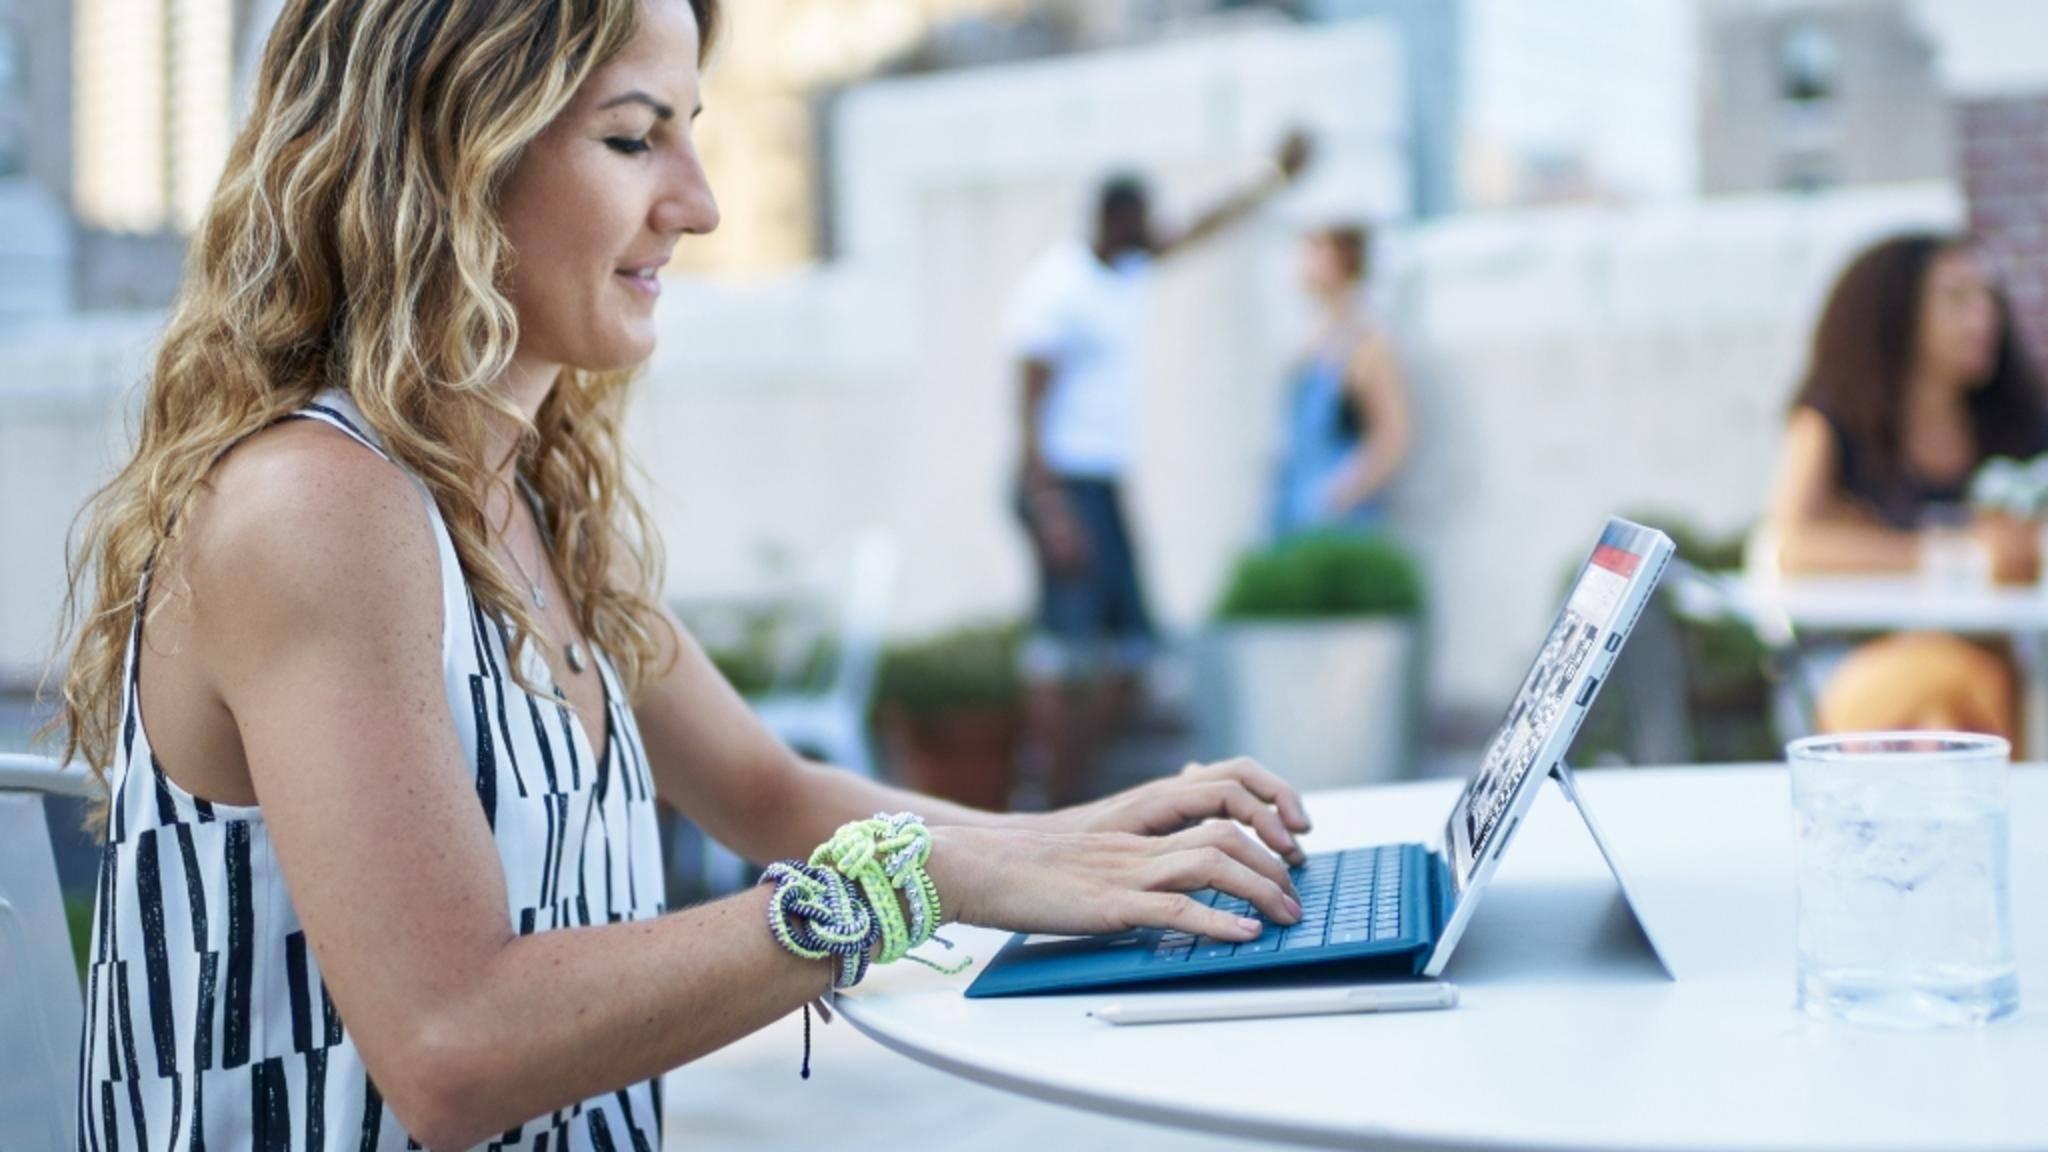 Windows 10 Product-Key auslesen: So ermittelst Du Deine Windows-10-Lizenz